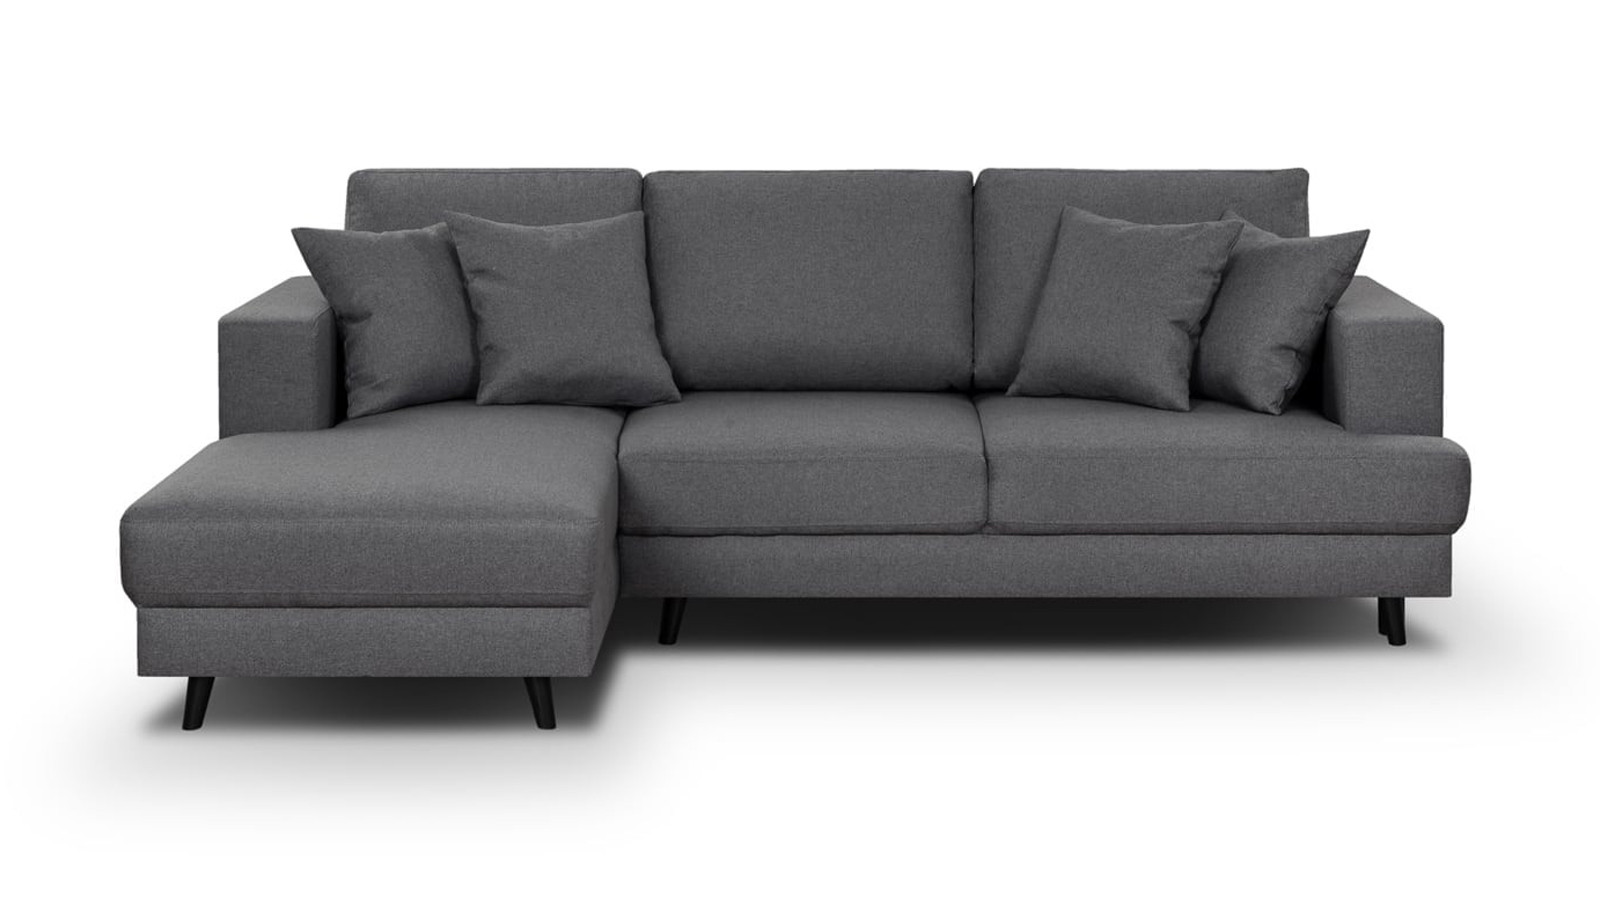 Canapé d'angle gauche convertible 4 places en tissu gris souris